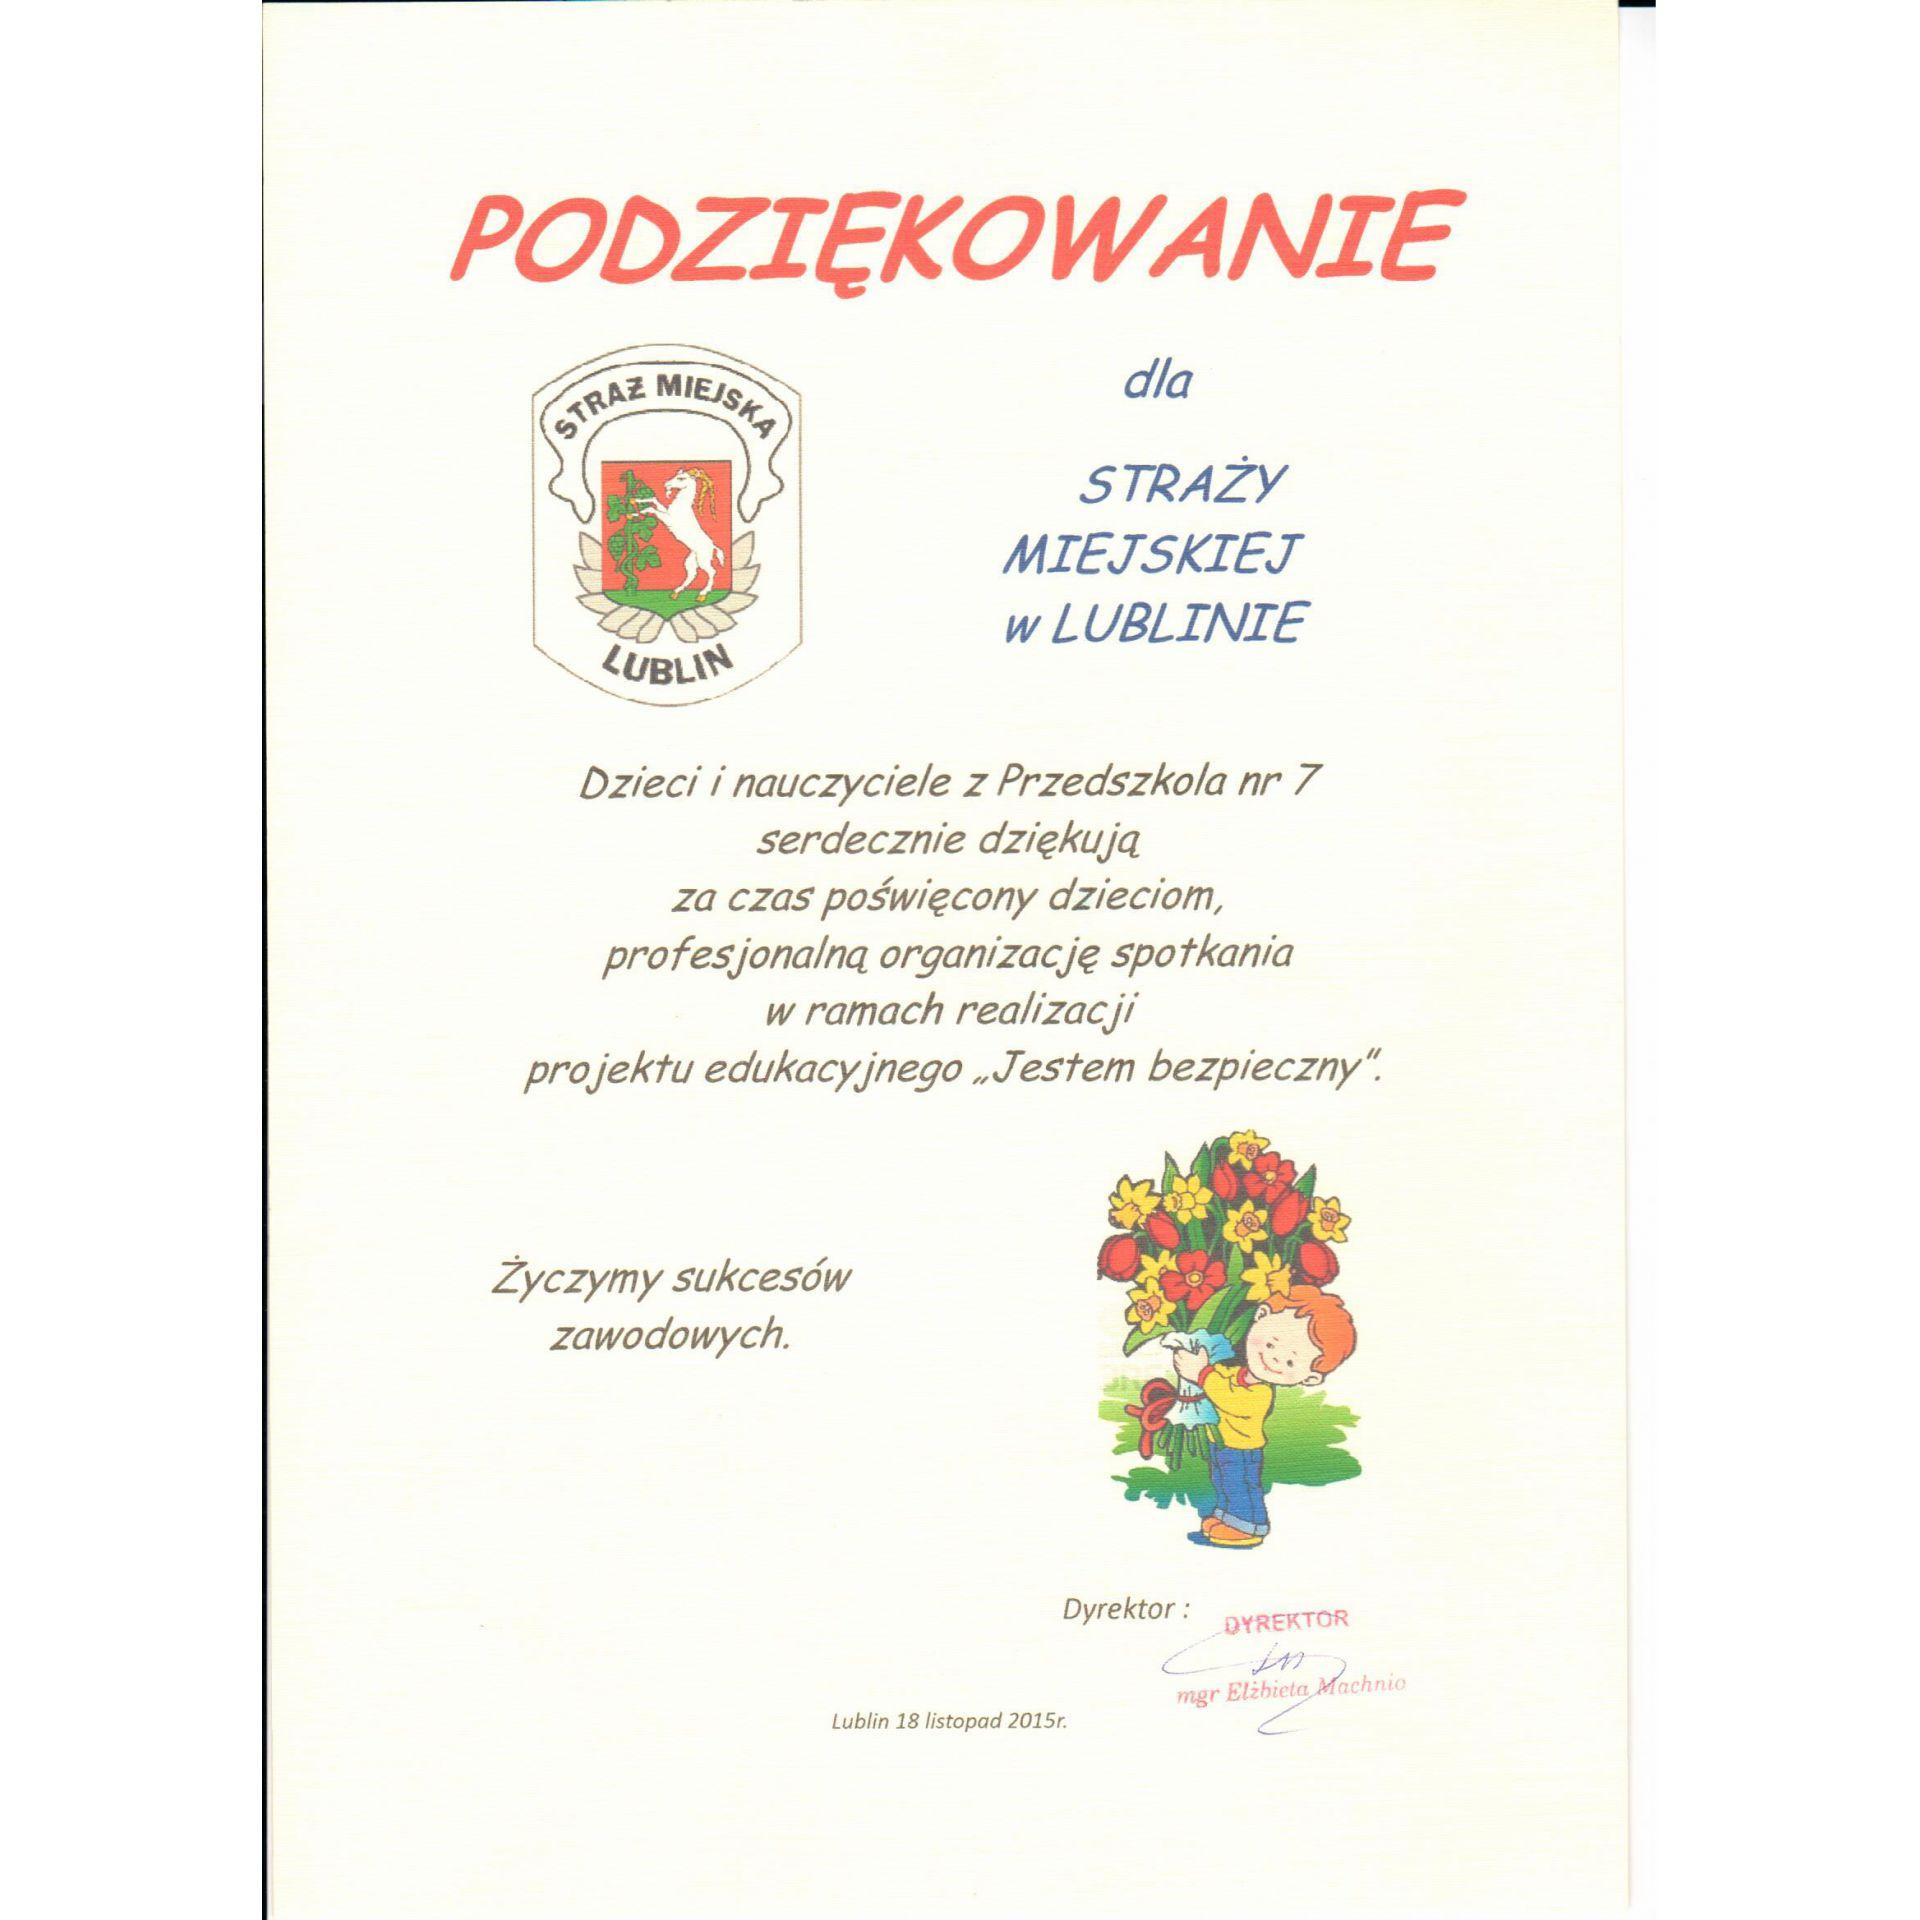 Ogromny Podziękowania - Straż Miejska Miasta Lublin - Municipal Police in FN79